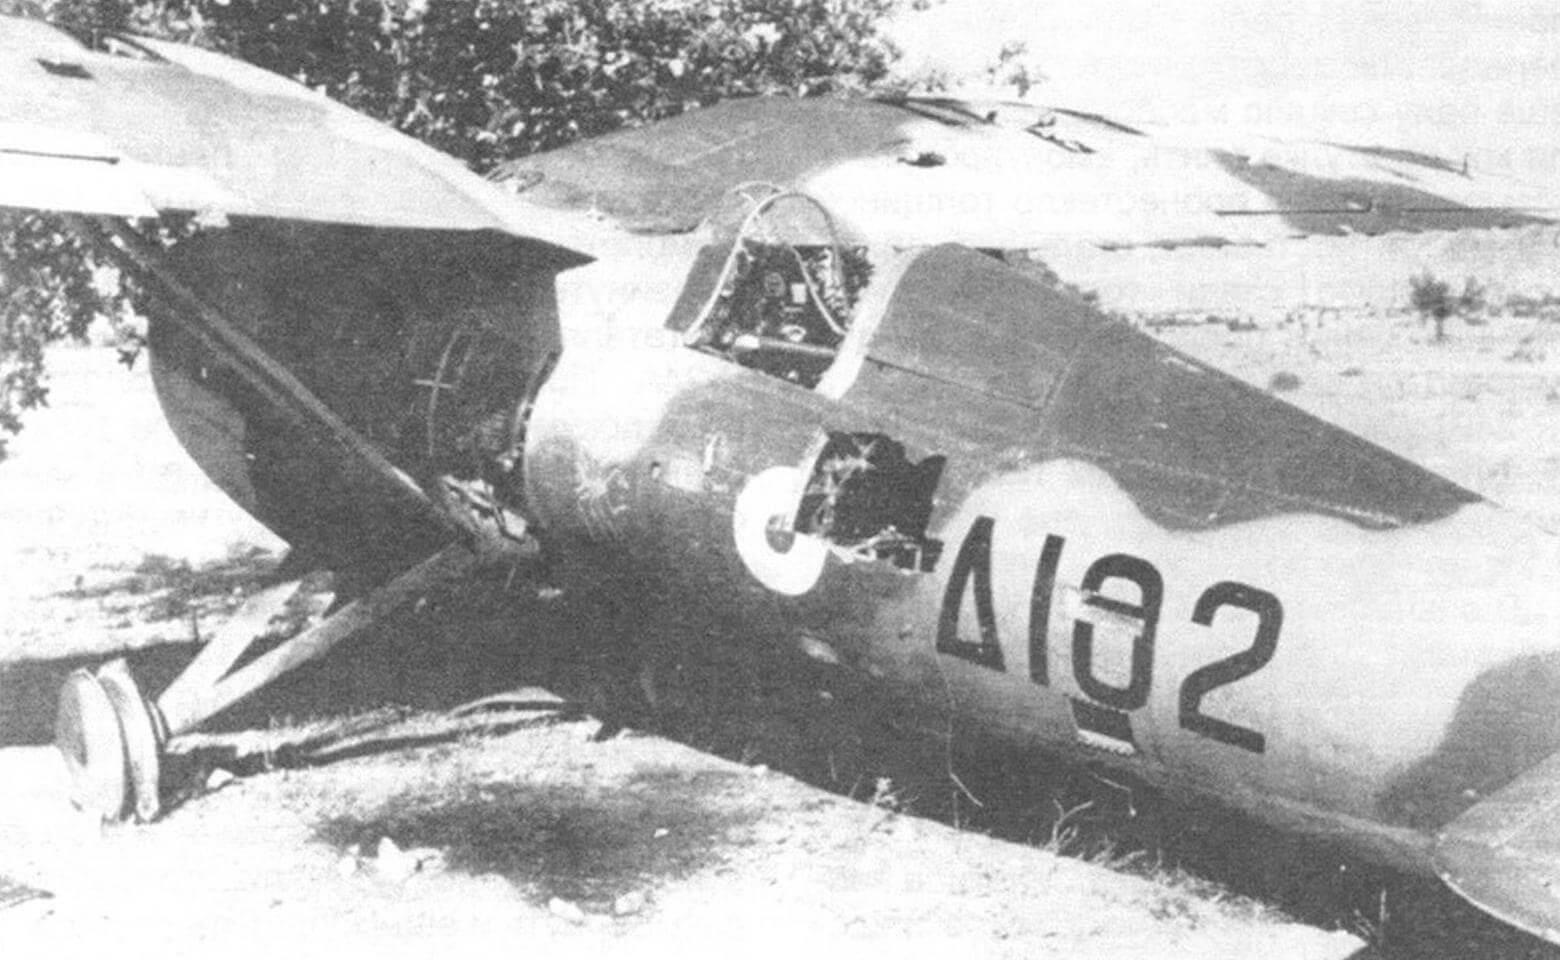 Поврежденный самолет P-24G, брошенный на аэродроме Аргос, конец апреля 1941 г.